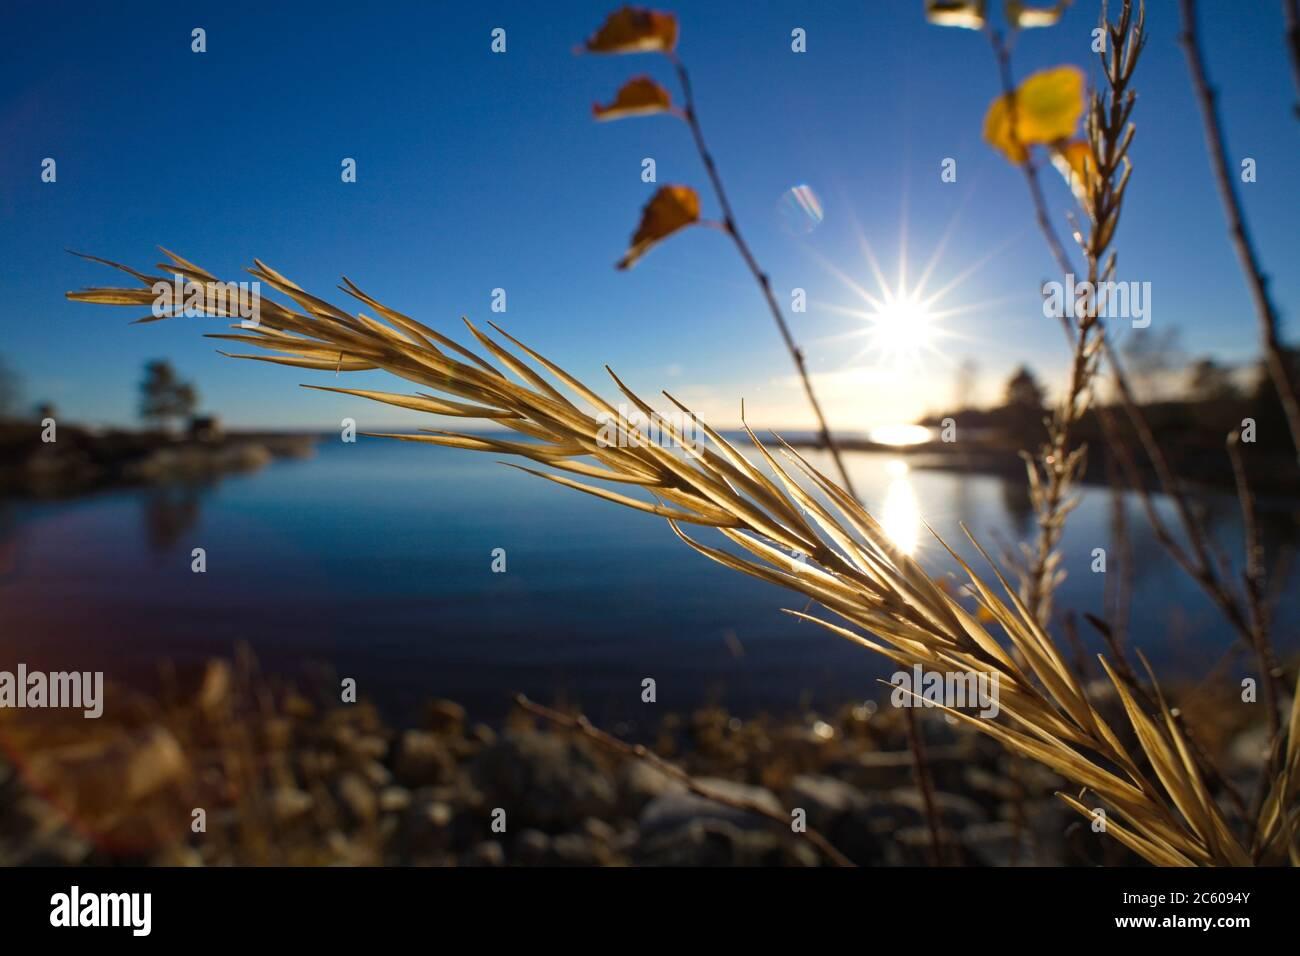 Primer plano de una cabeza de semilla de pasto dorado frente a una bahía cristalina del océano en un día brillante en otoño. Foto de stock